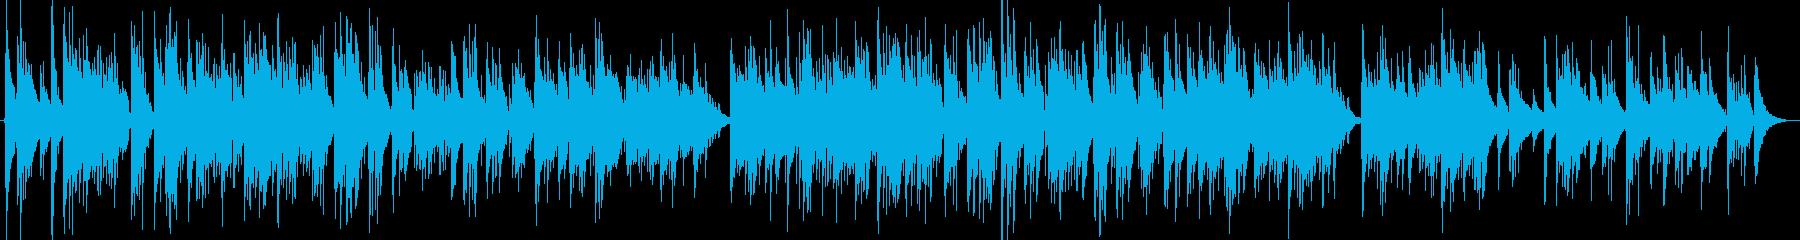 爽やかバラードの再生済みの波形